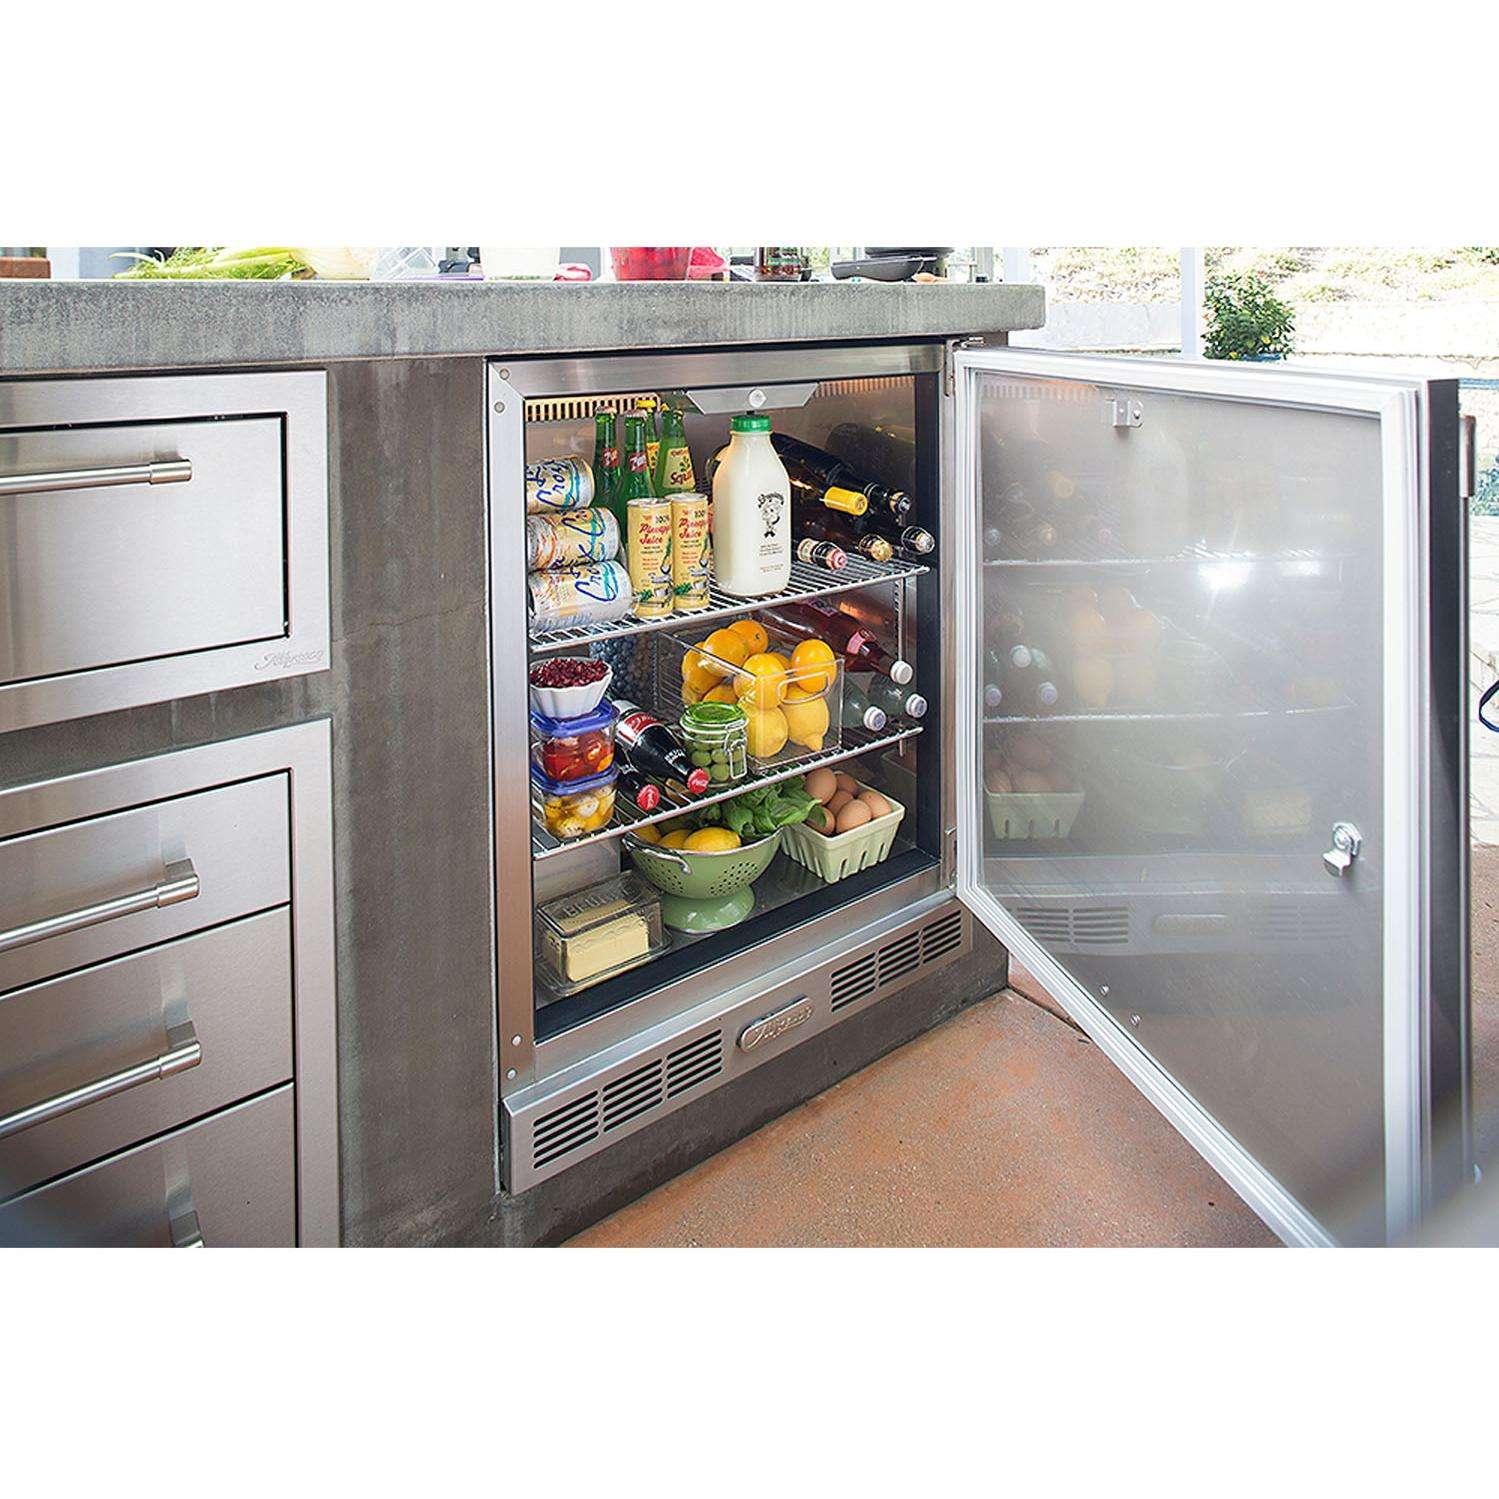 Alfresco 7.25 Cu. Ft. Single Door Refrigerator - Built In